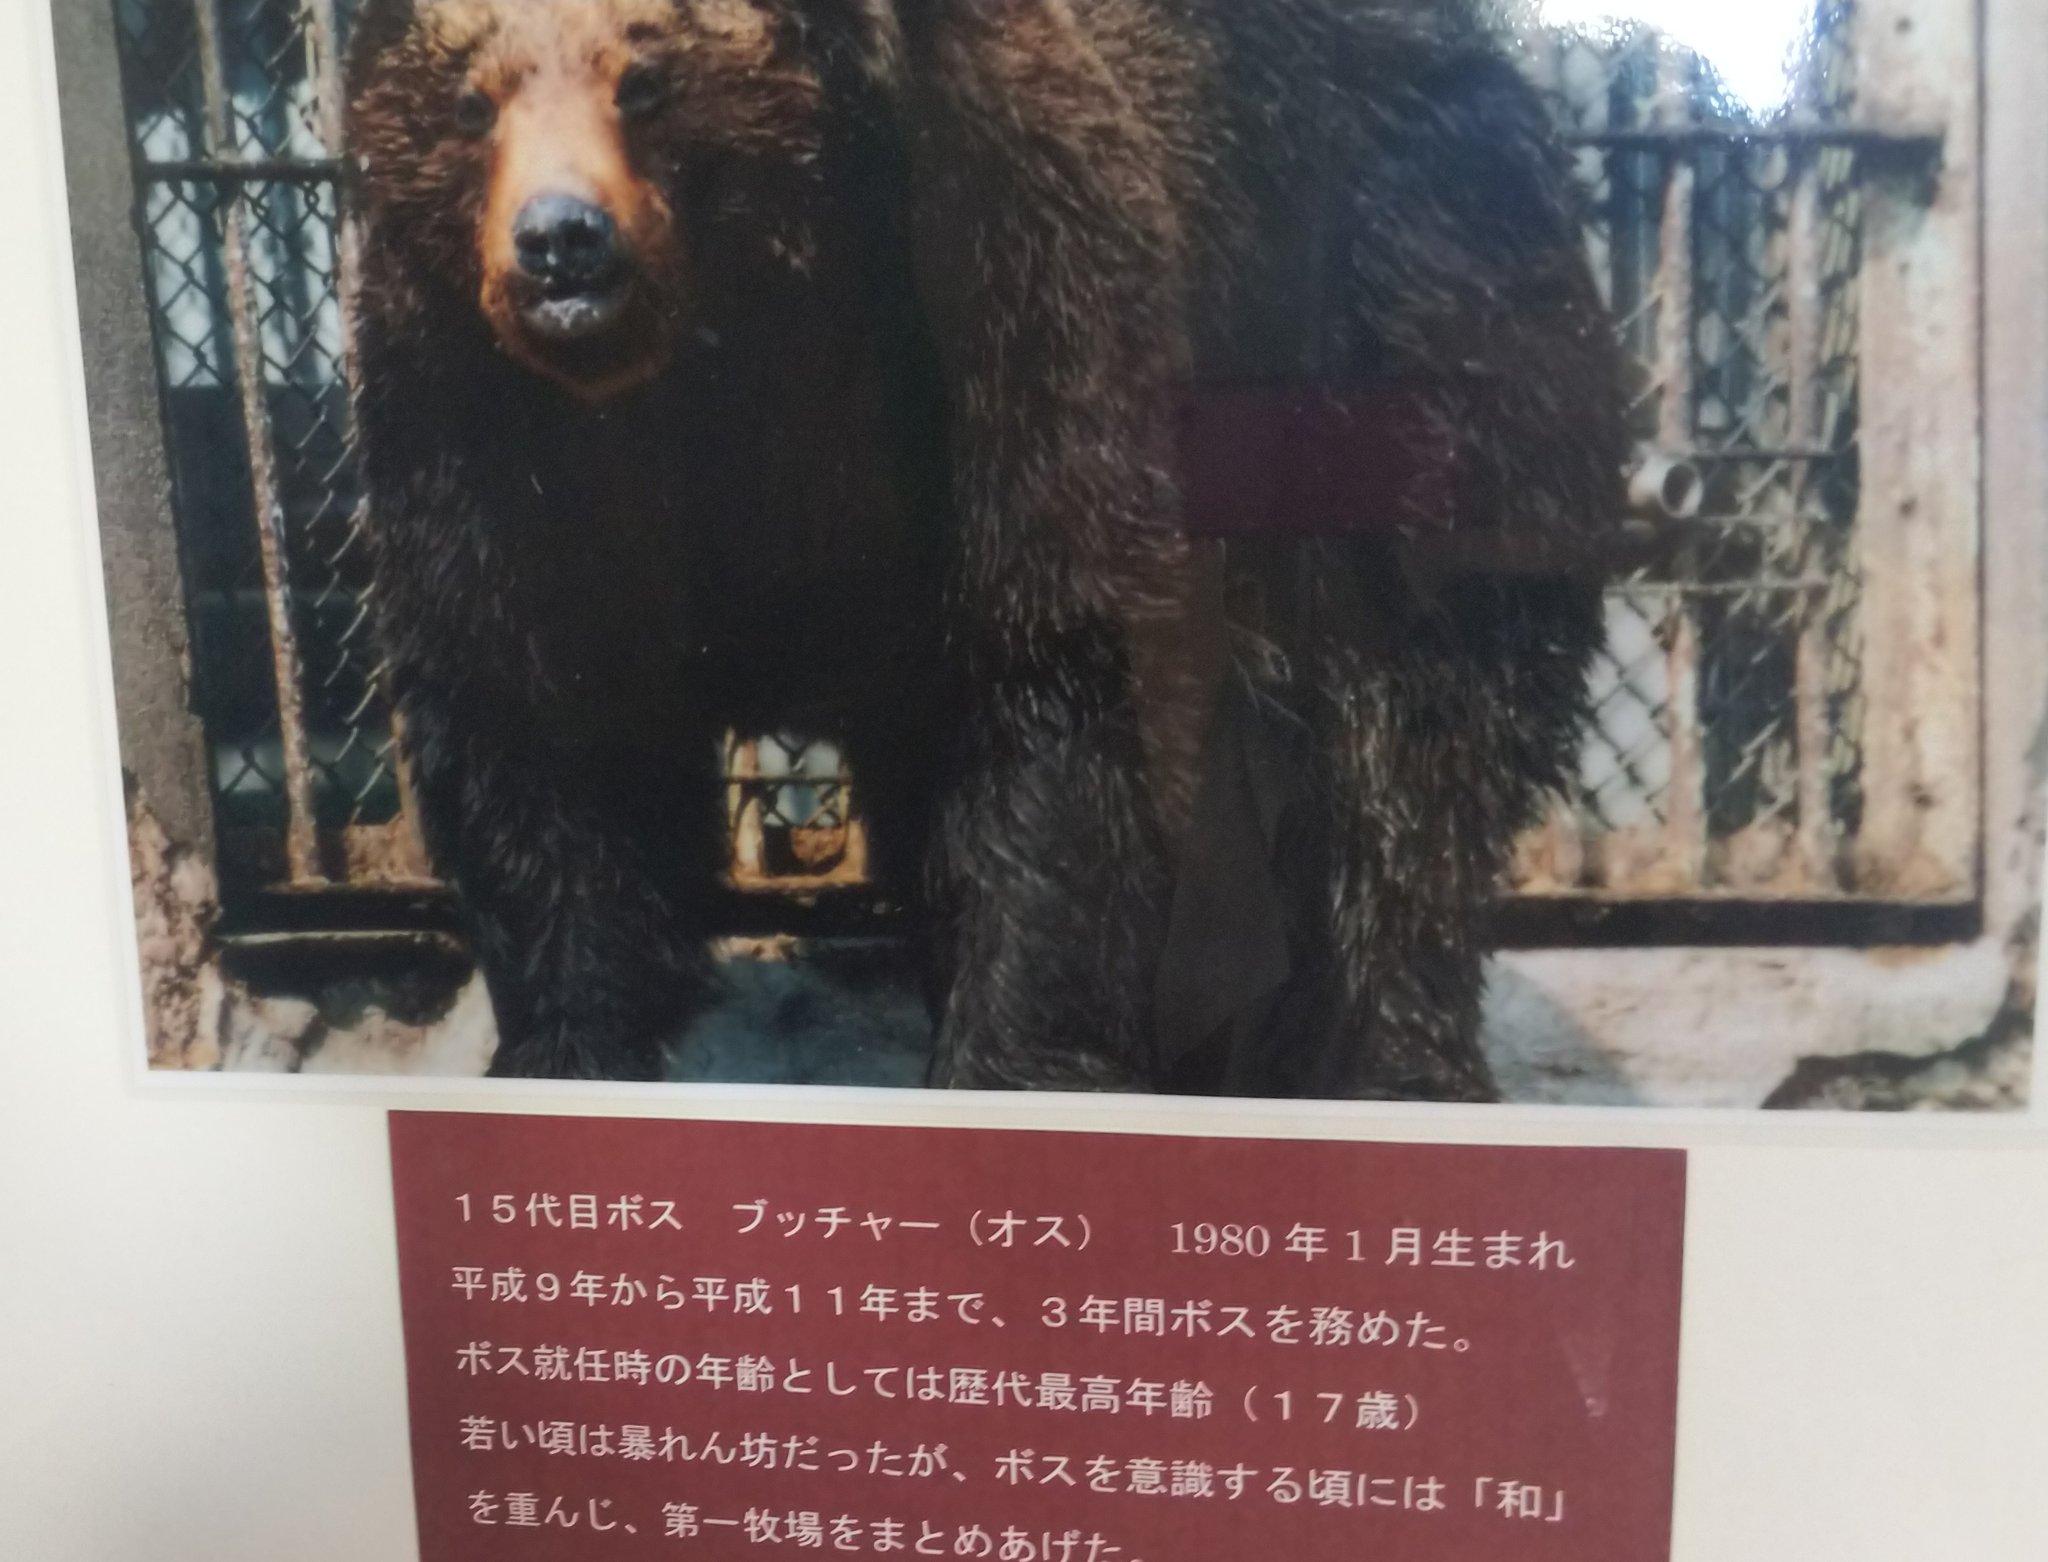 登別のクマ牧場の歴代ボスの紹介文を見た結果?ドキュメンタリー作れそうwww